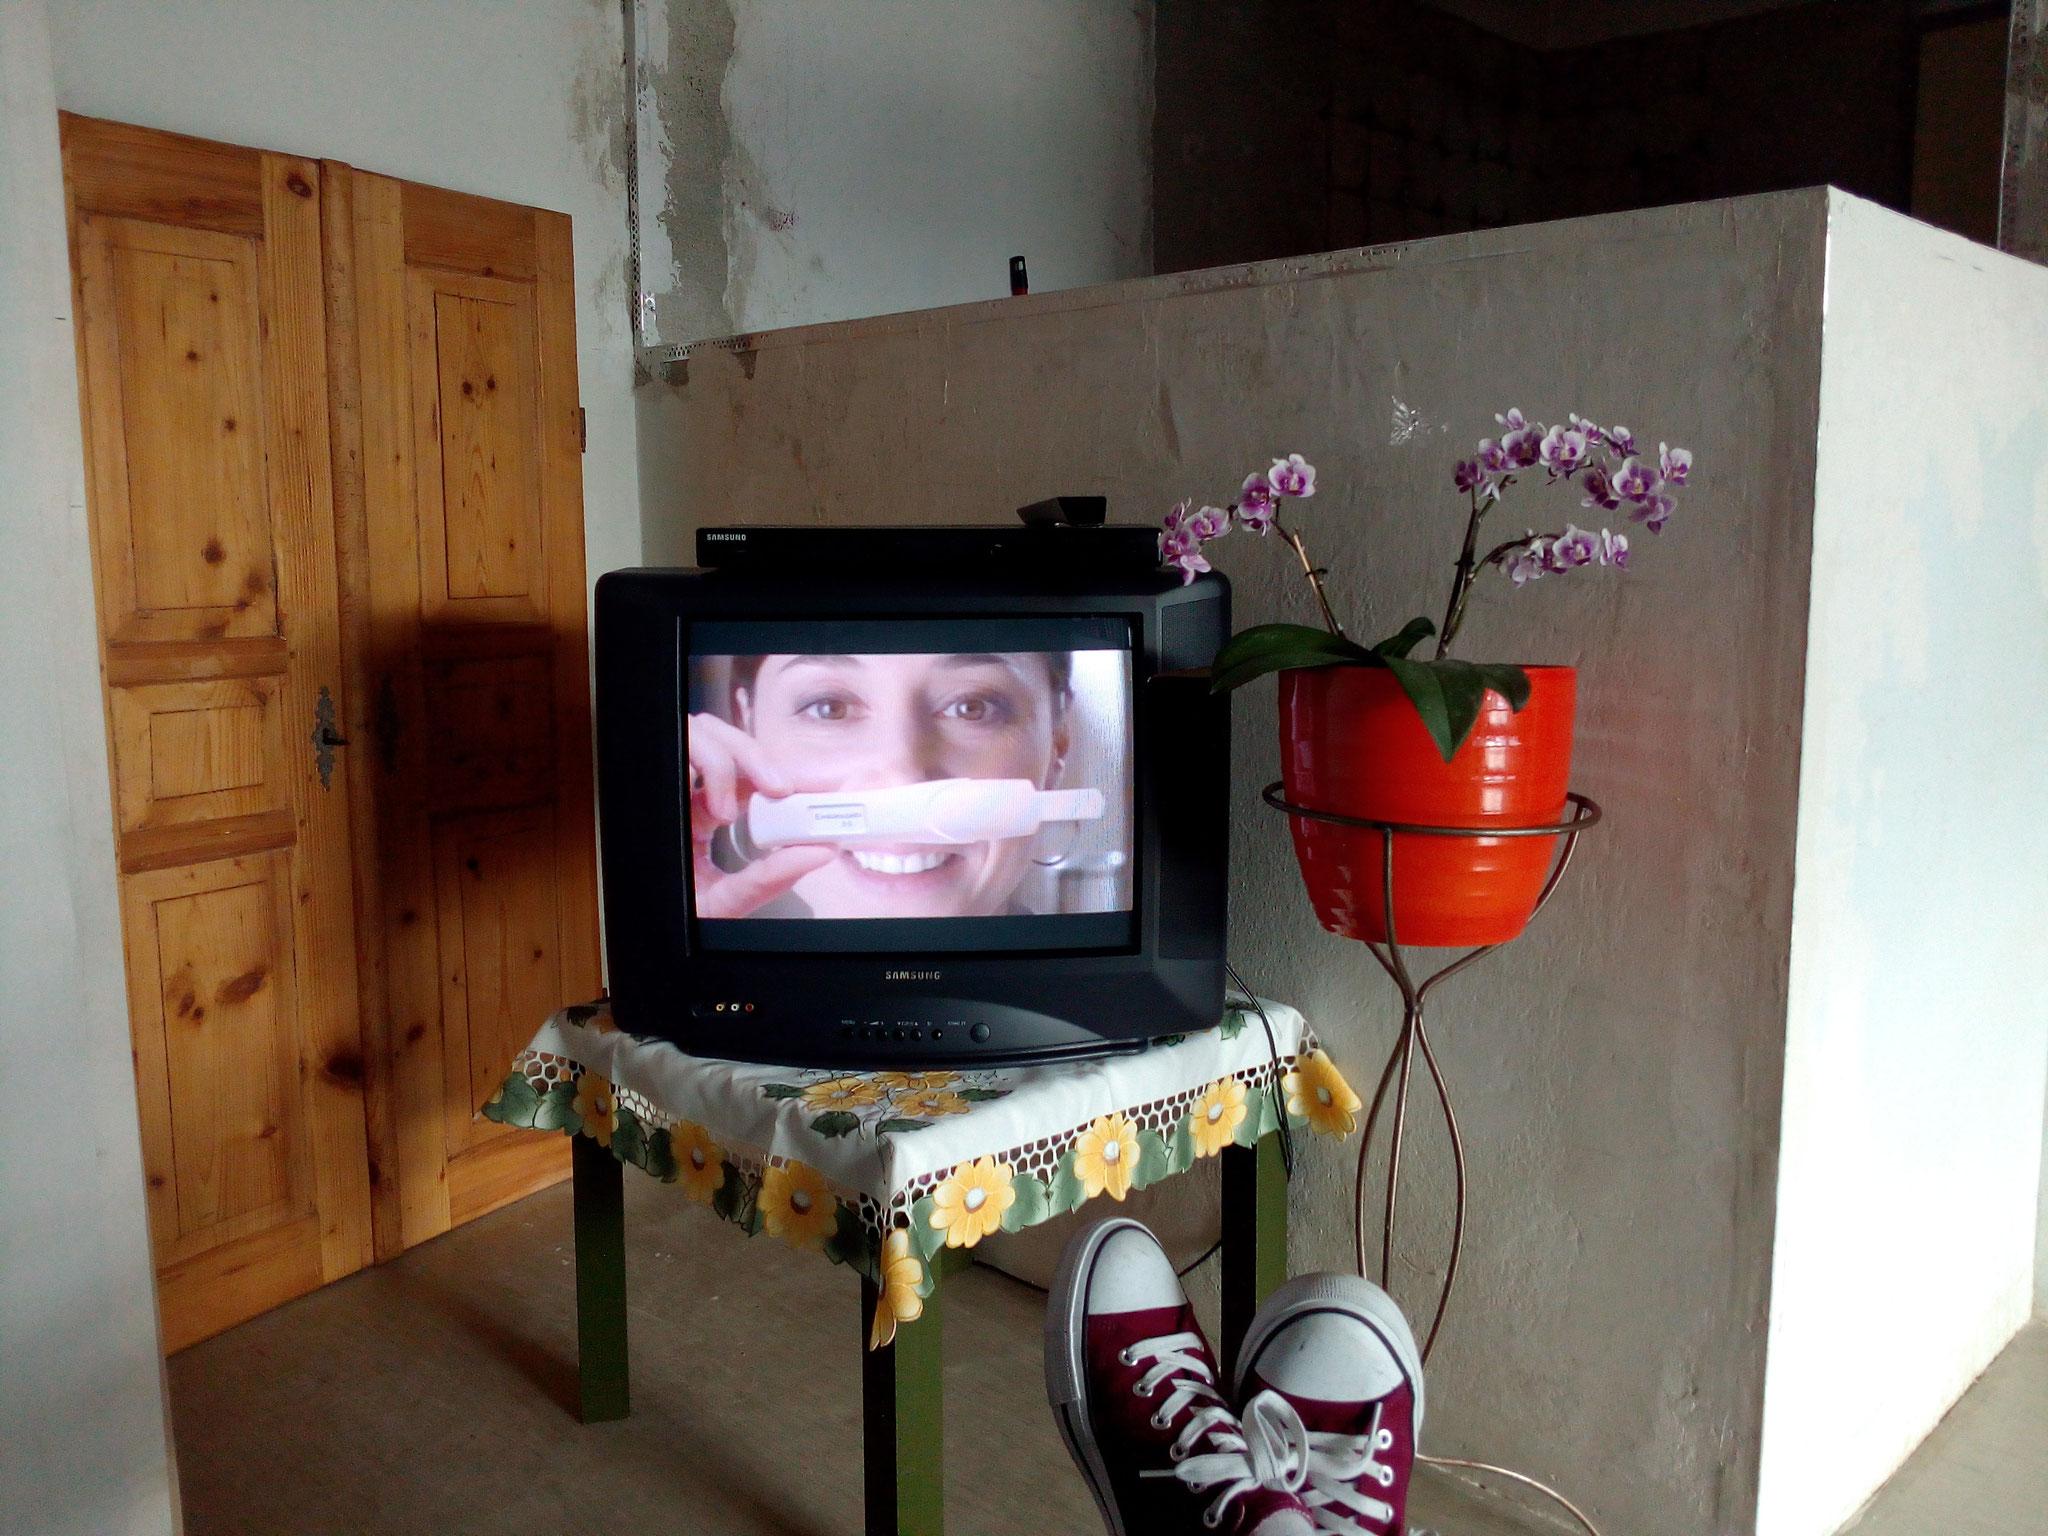 Wohnzimmerinstallation zum Thema Mutter